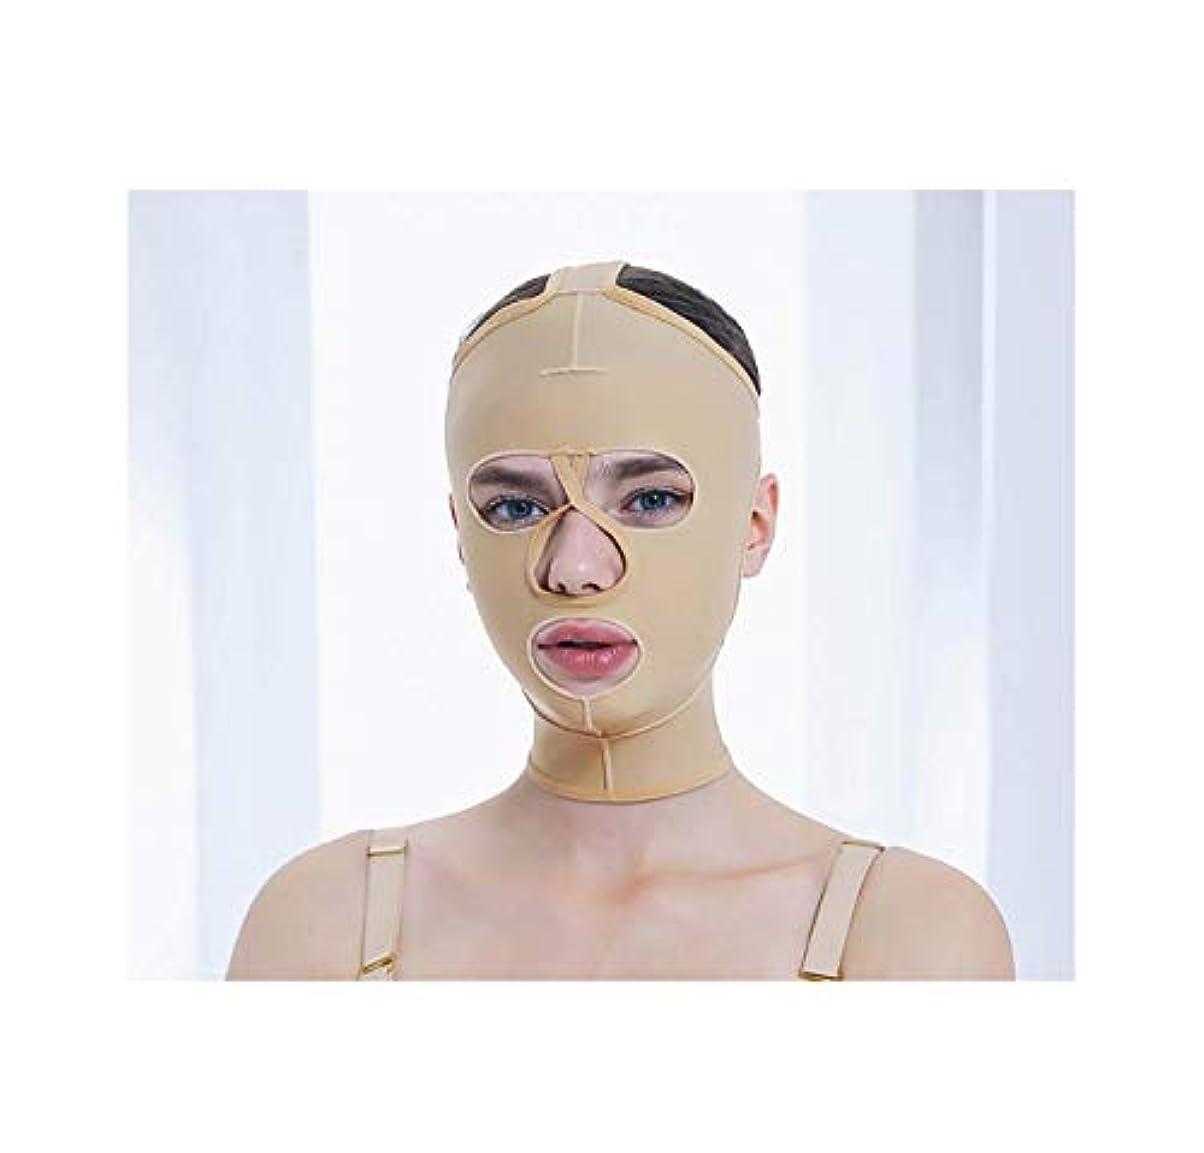 受動的柔らかい足致命的なフェイス&ネックリフト、減量フェイスマスク脂肪吸引術脂肪吸引整形マスクフードフェイスリフティングアーティファクトVフェイスビームフェイス弾性スリーブ(サイズ:XS),Xl